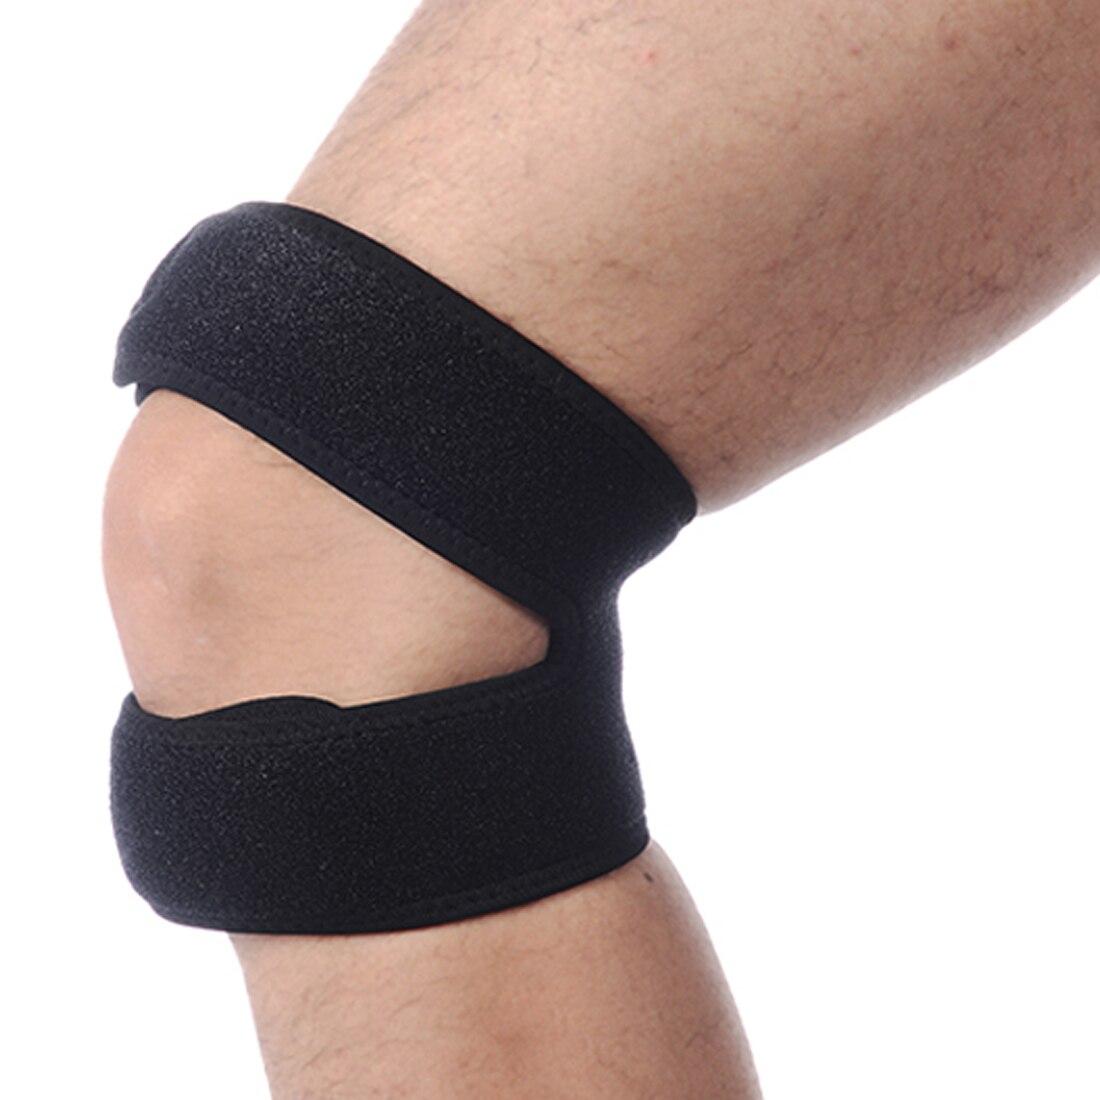 Настройка мягкий колена Поддержка надколенника Brace бандаж сухожилия ремень джемпер тре ...